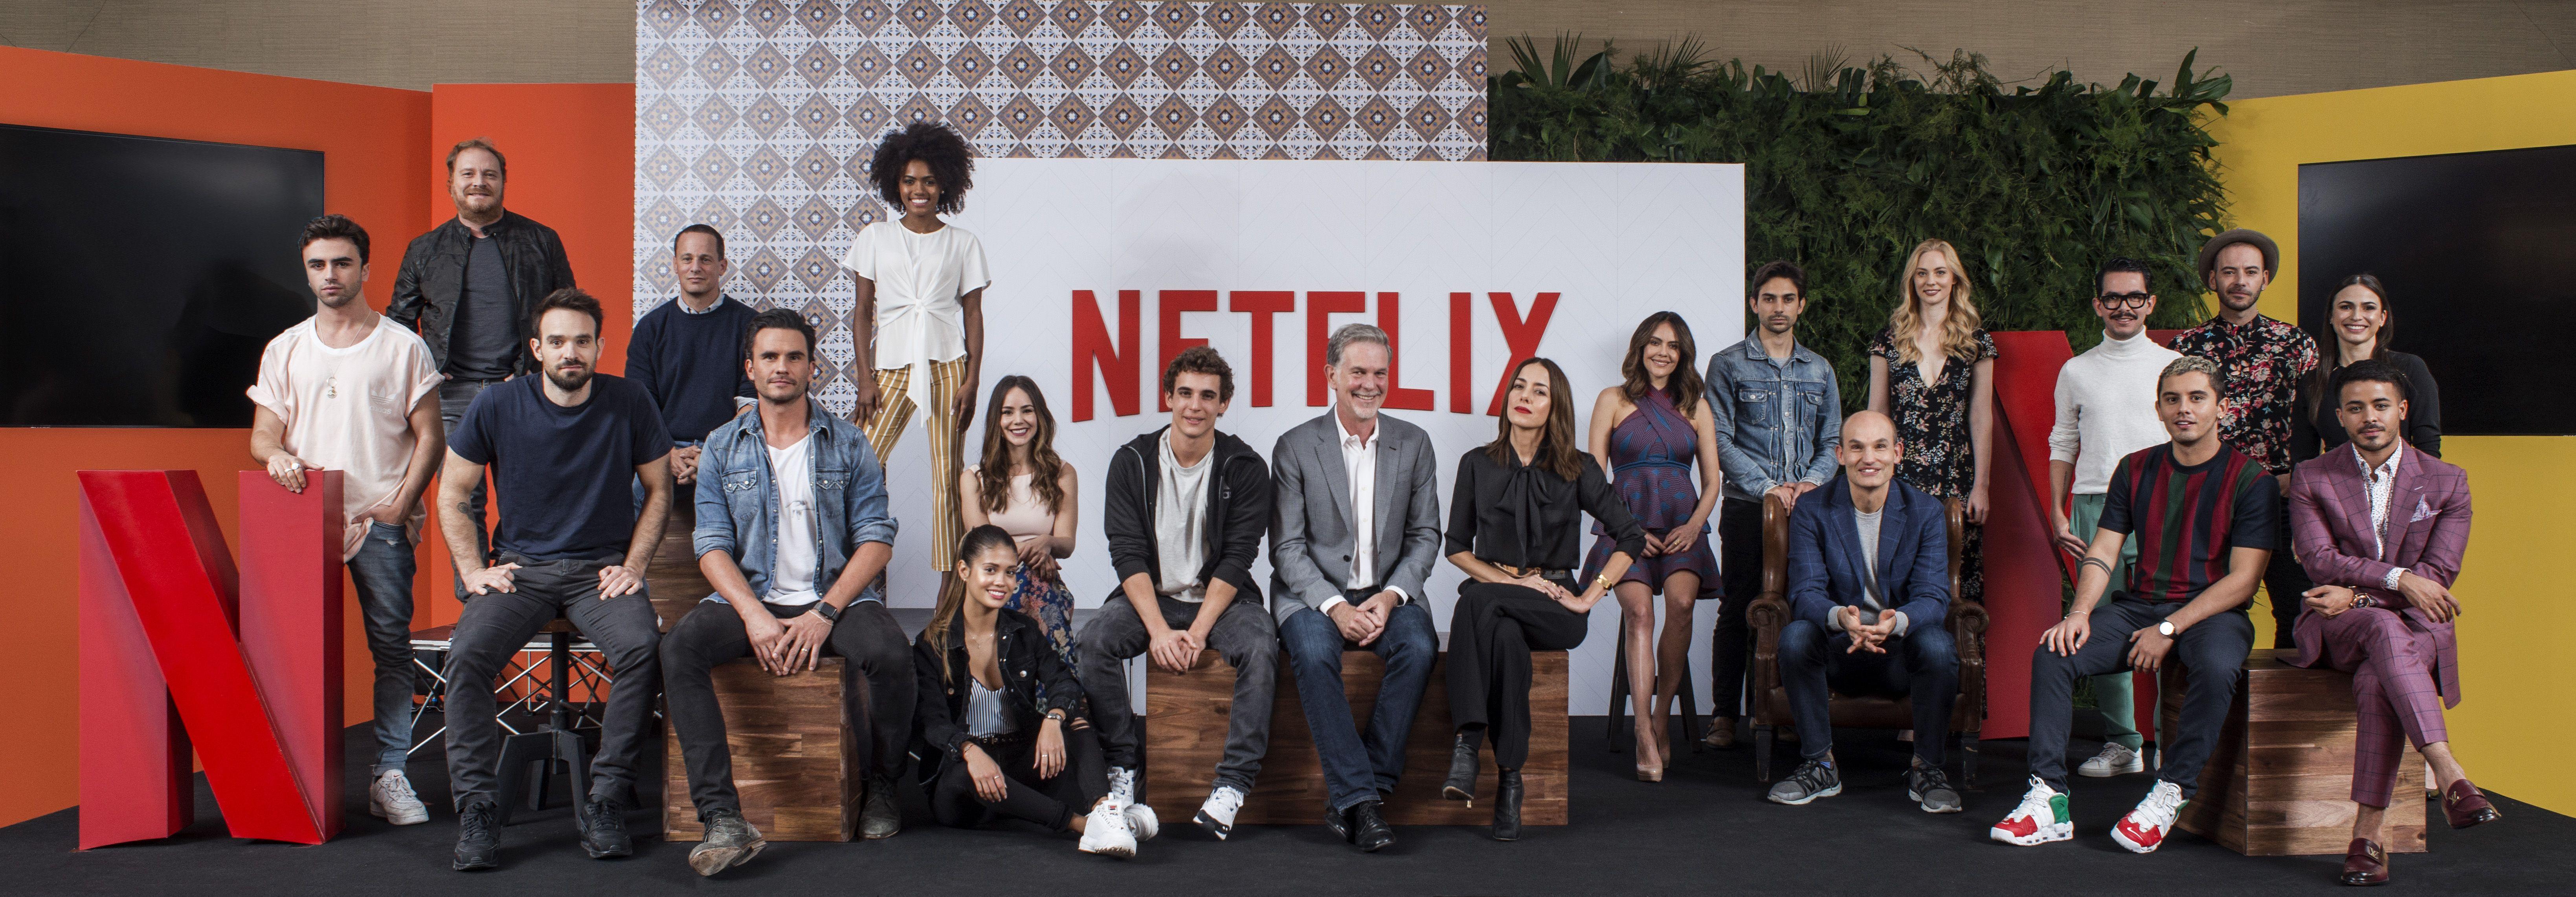 Crédito de foto: Daniel Muñoz y Gabriel Aponte/Netflix